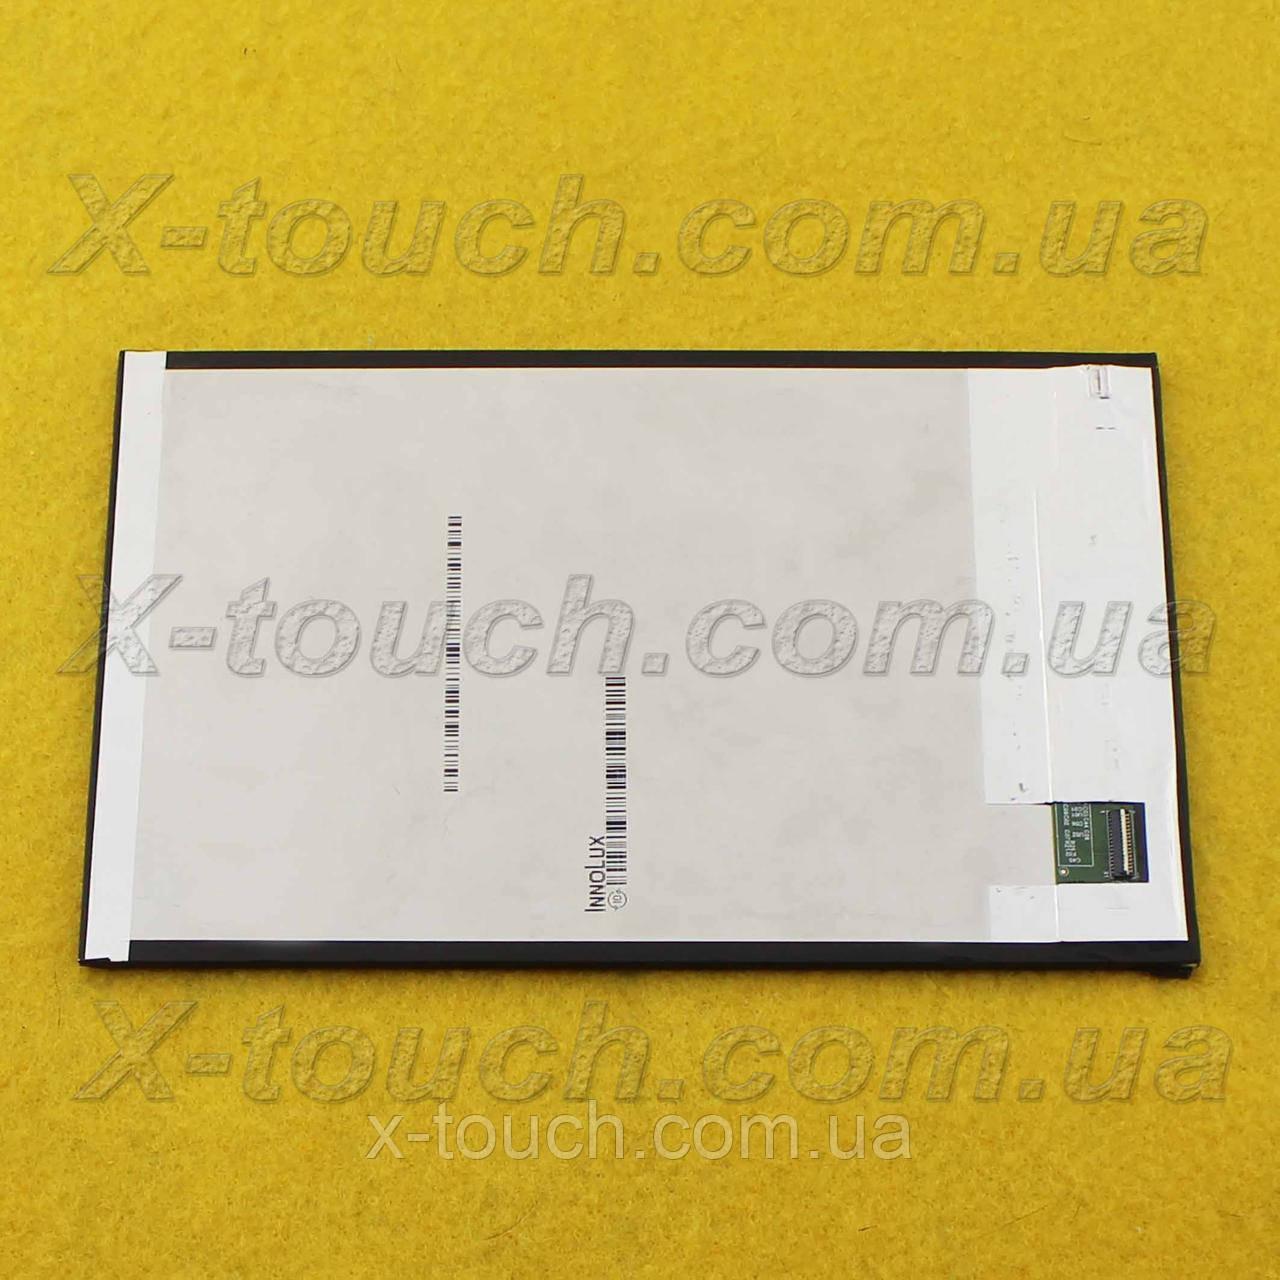 Матрица,экран, дисплей Nomi C070020 Corsa Pro для планшета